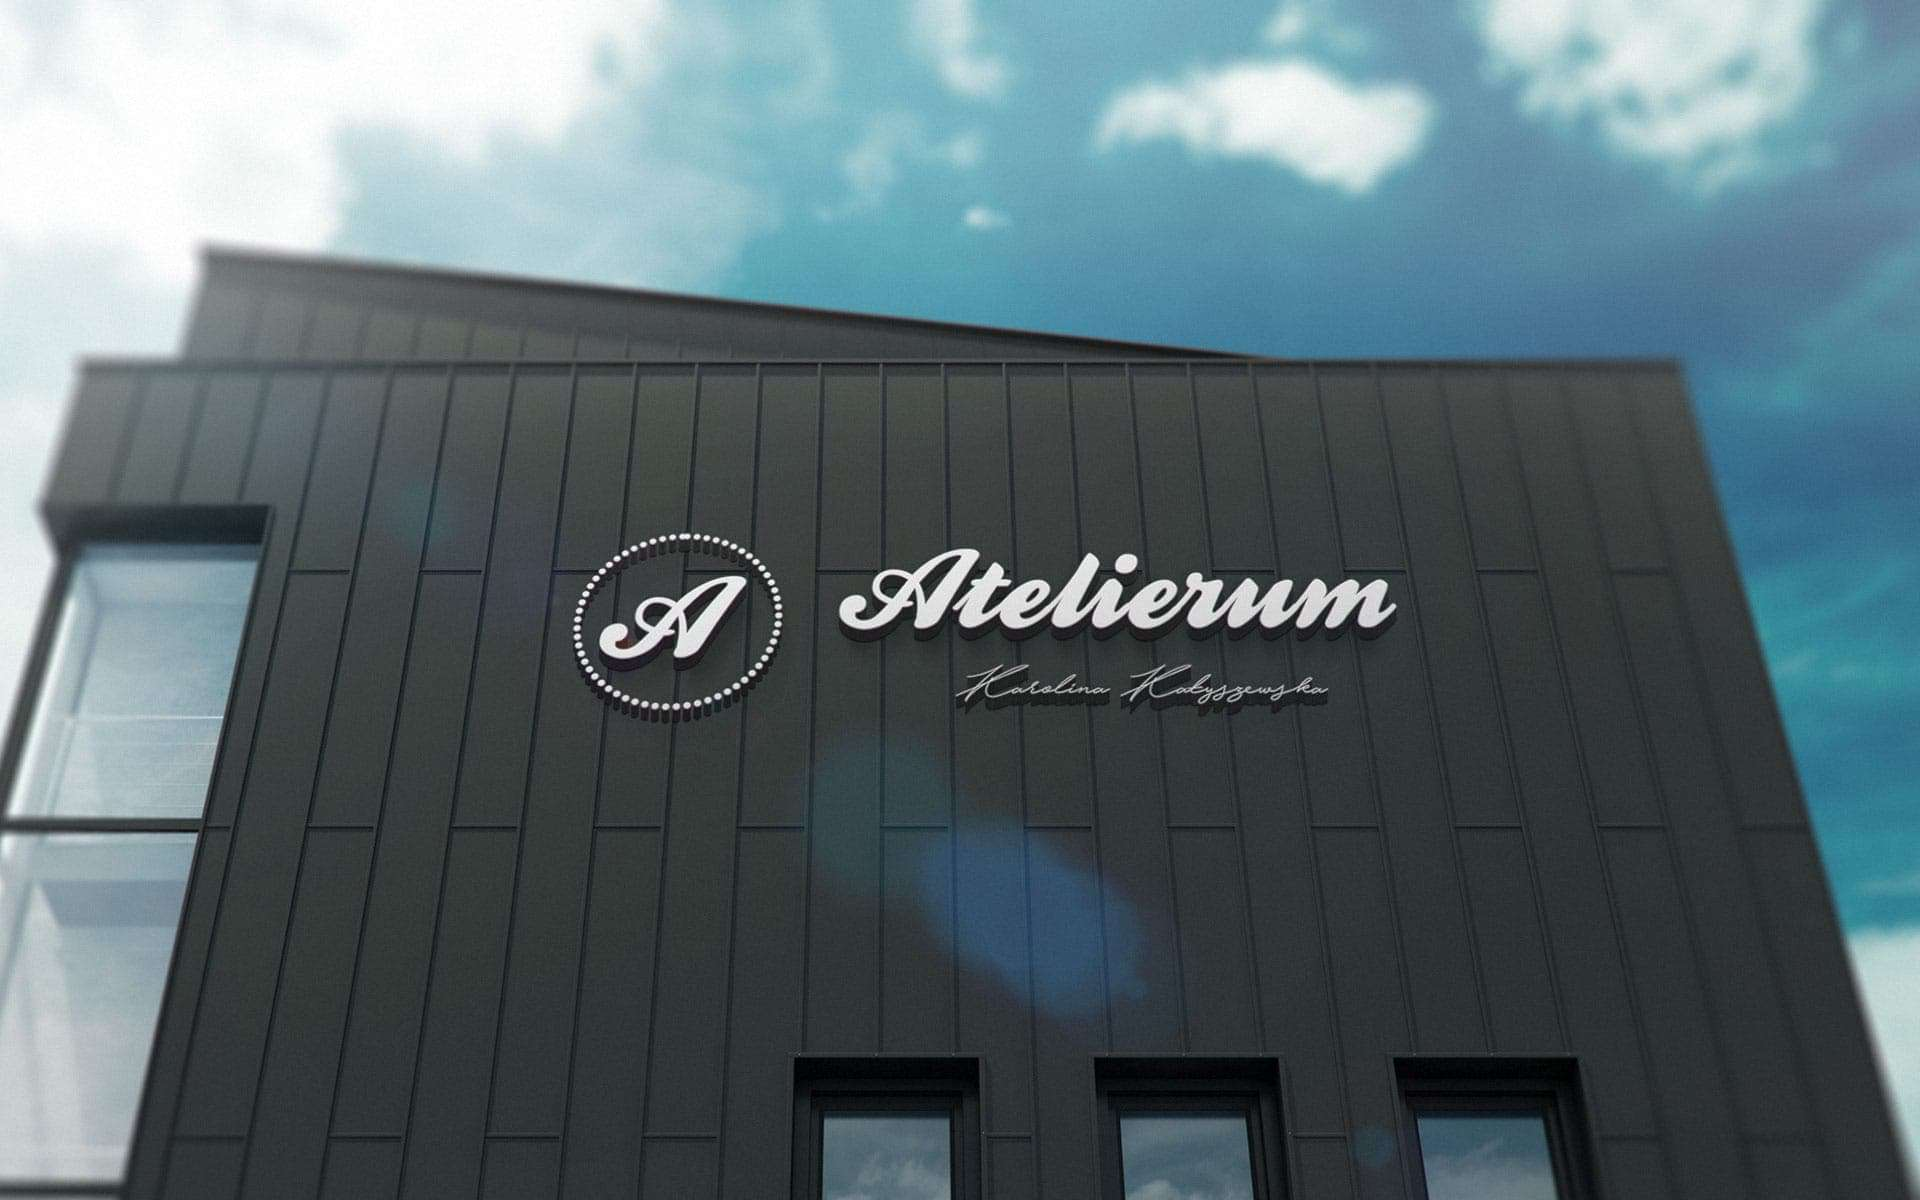 Litery podświetlane 3D - Atelierum Bydgoszcz